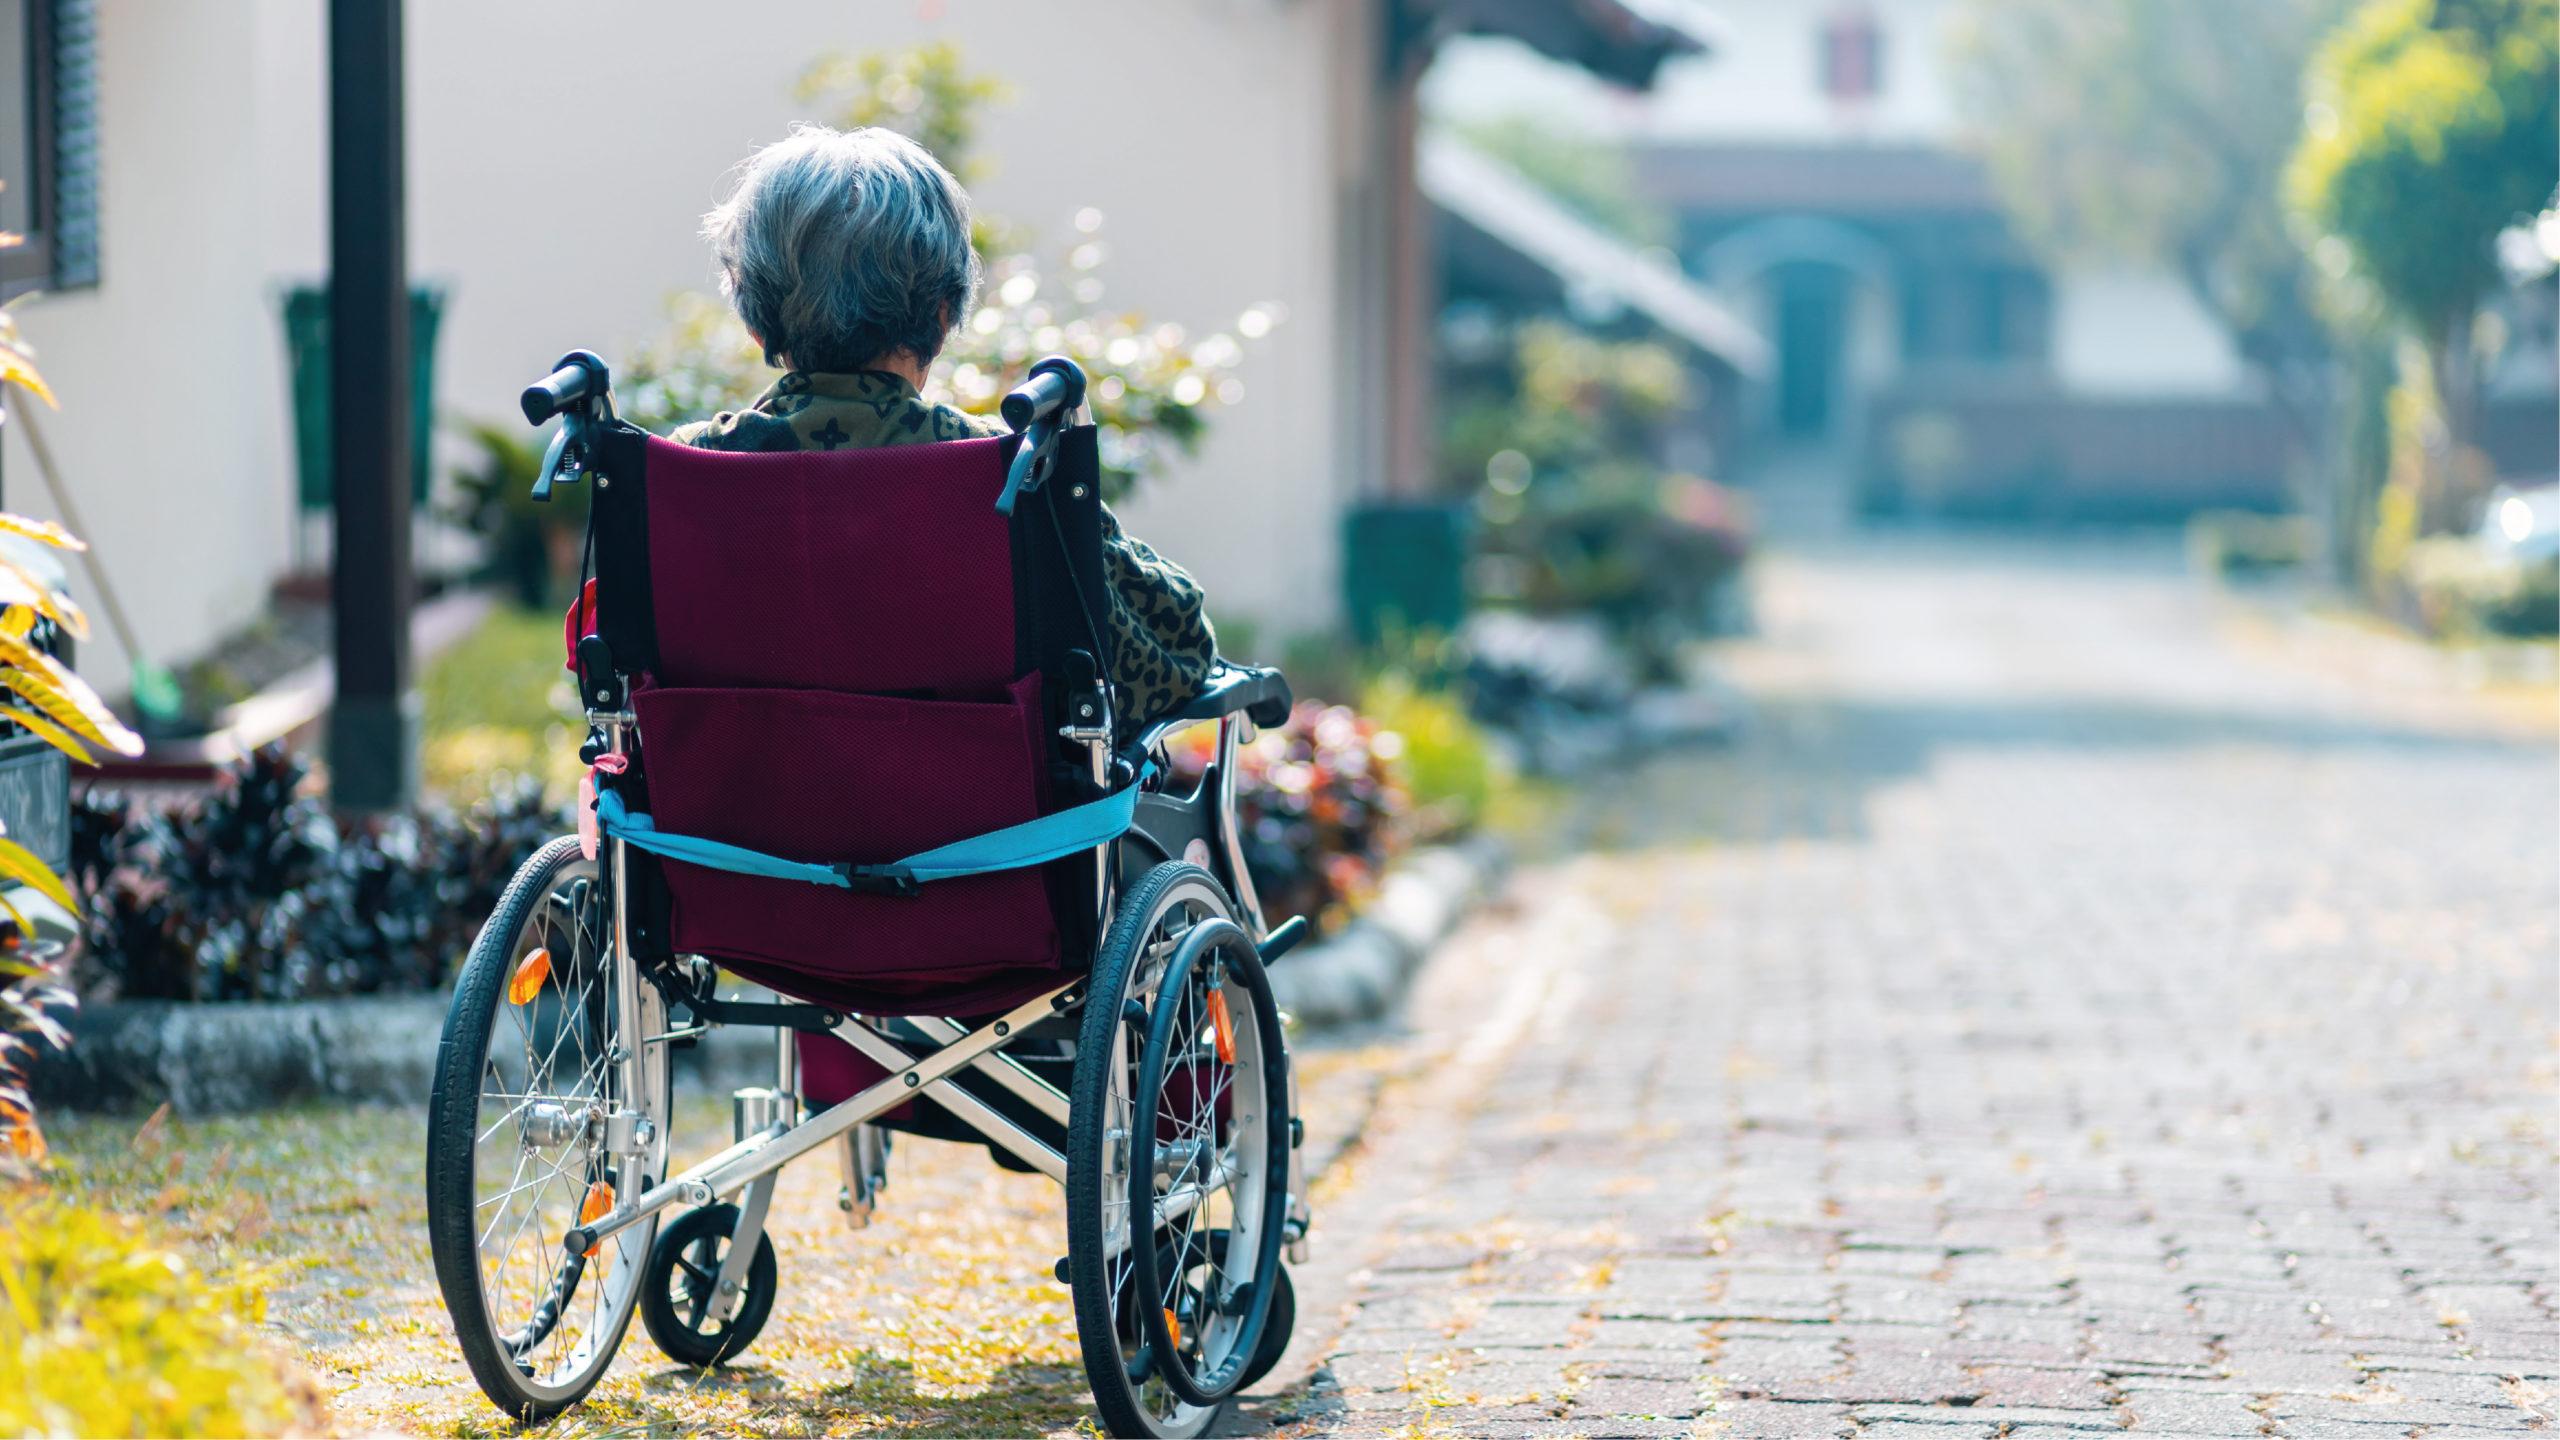 Casos de demencia aumentarán 40%, en 2030 serán 78 millones: OMS